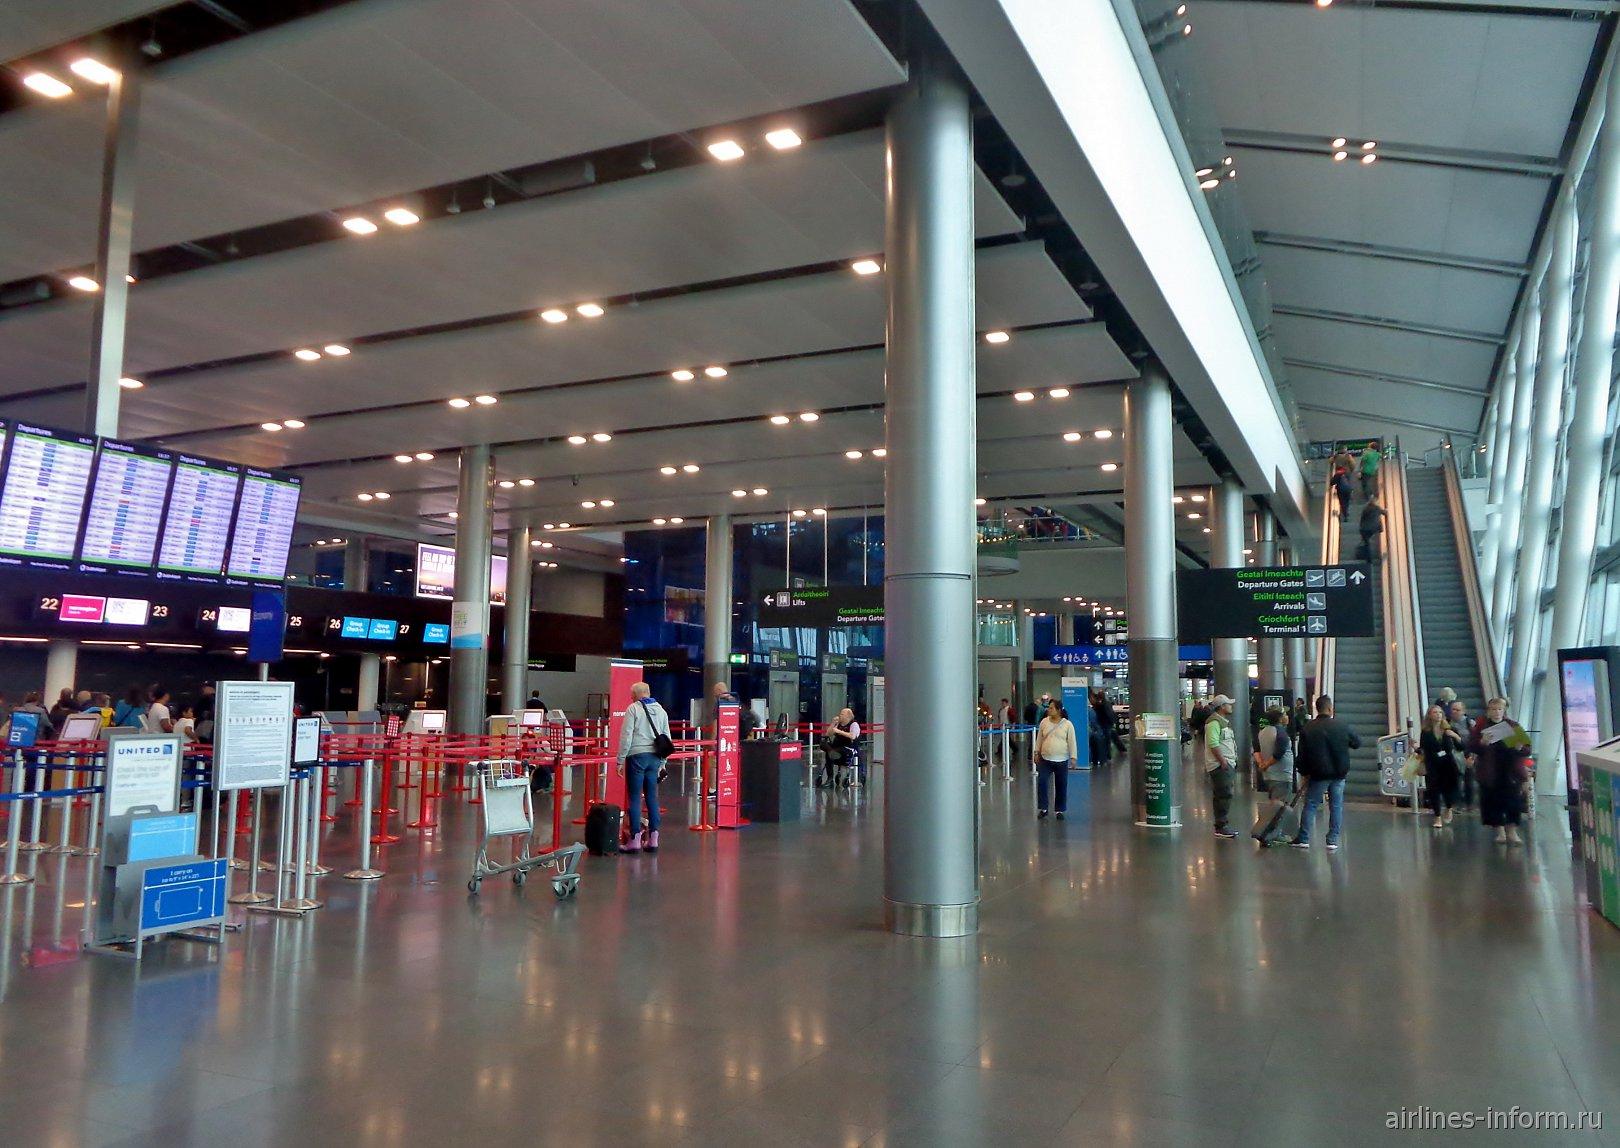 Зона регистрации на первом этаже терминала 2 аэропорта Дублин